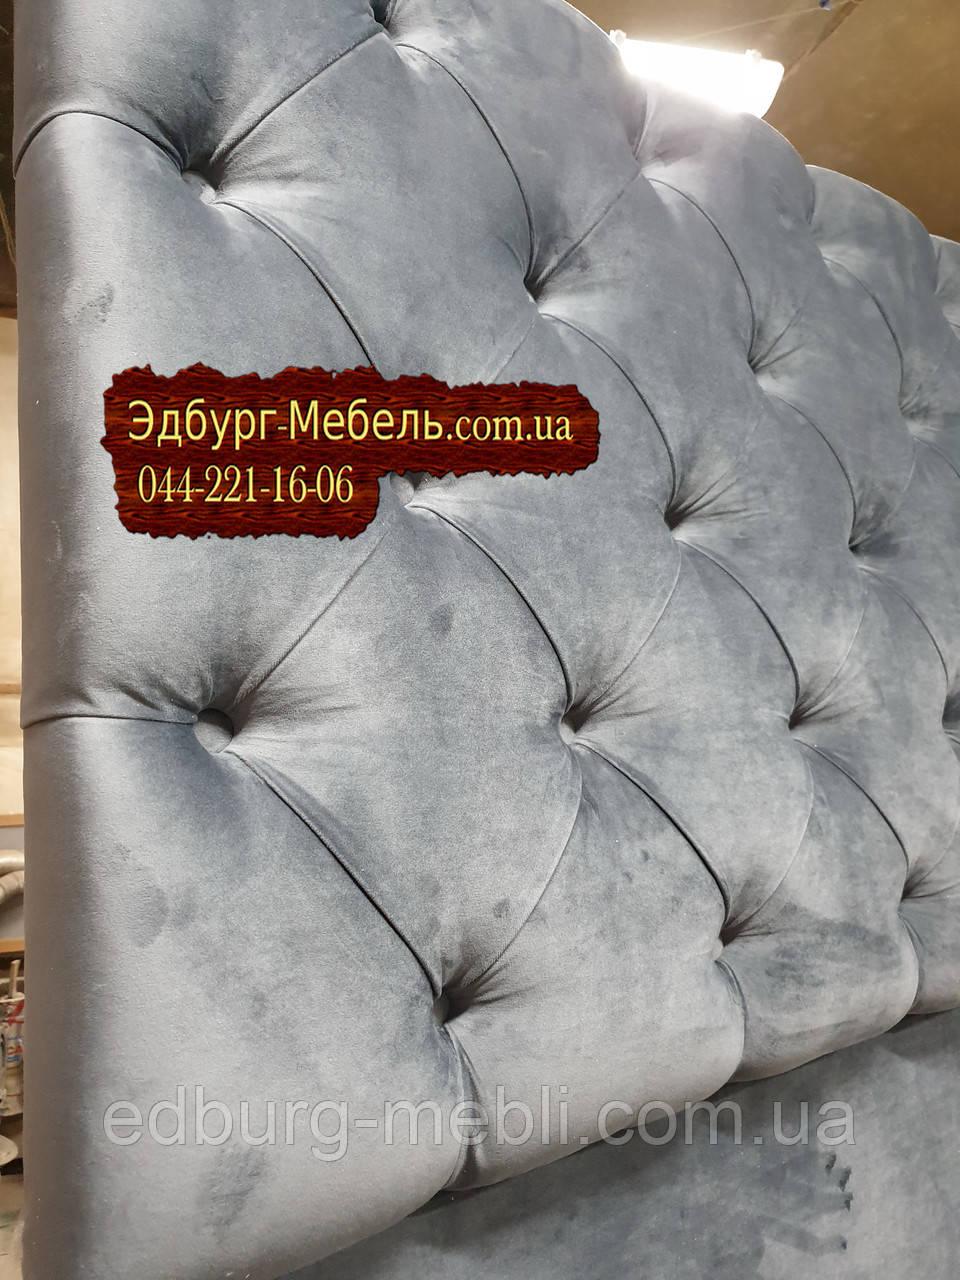 Мягкие спинки кровати на заказ с пуговицами из велюра